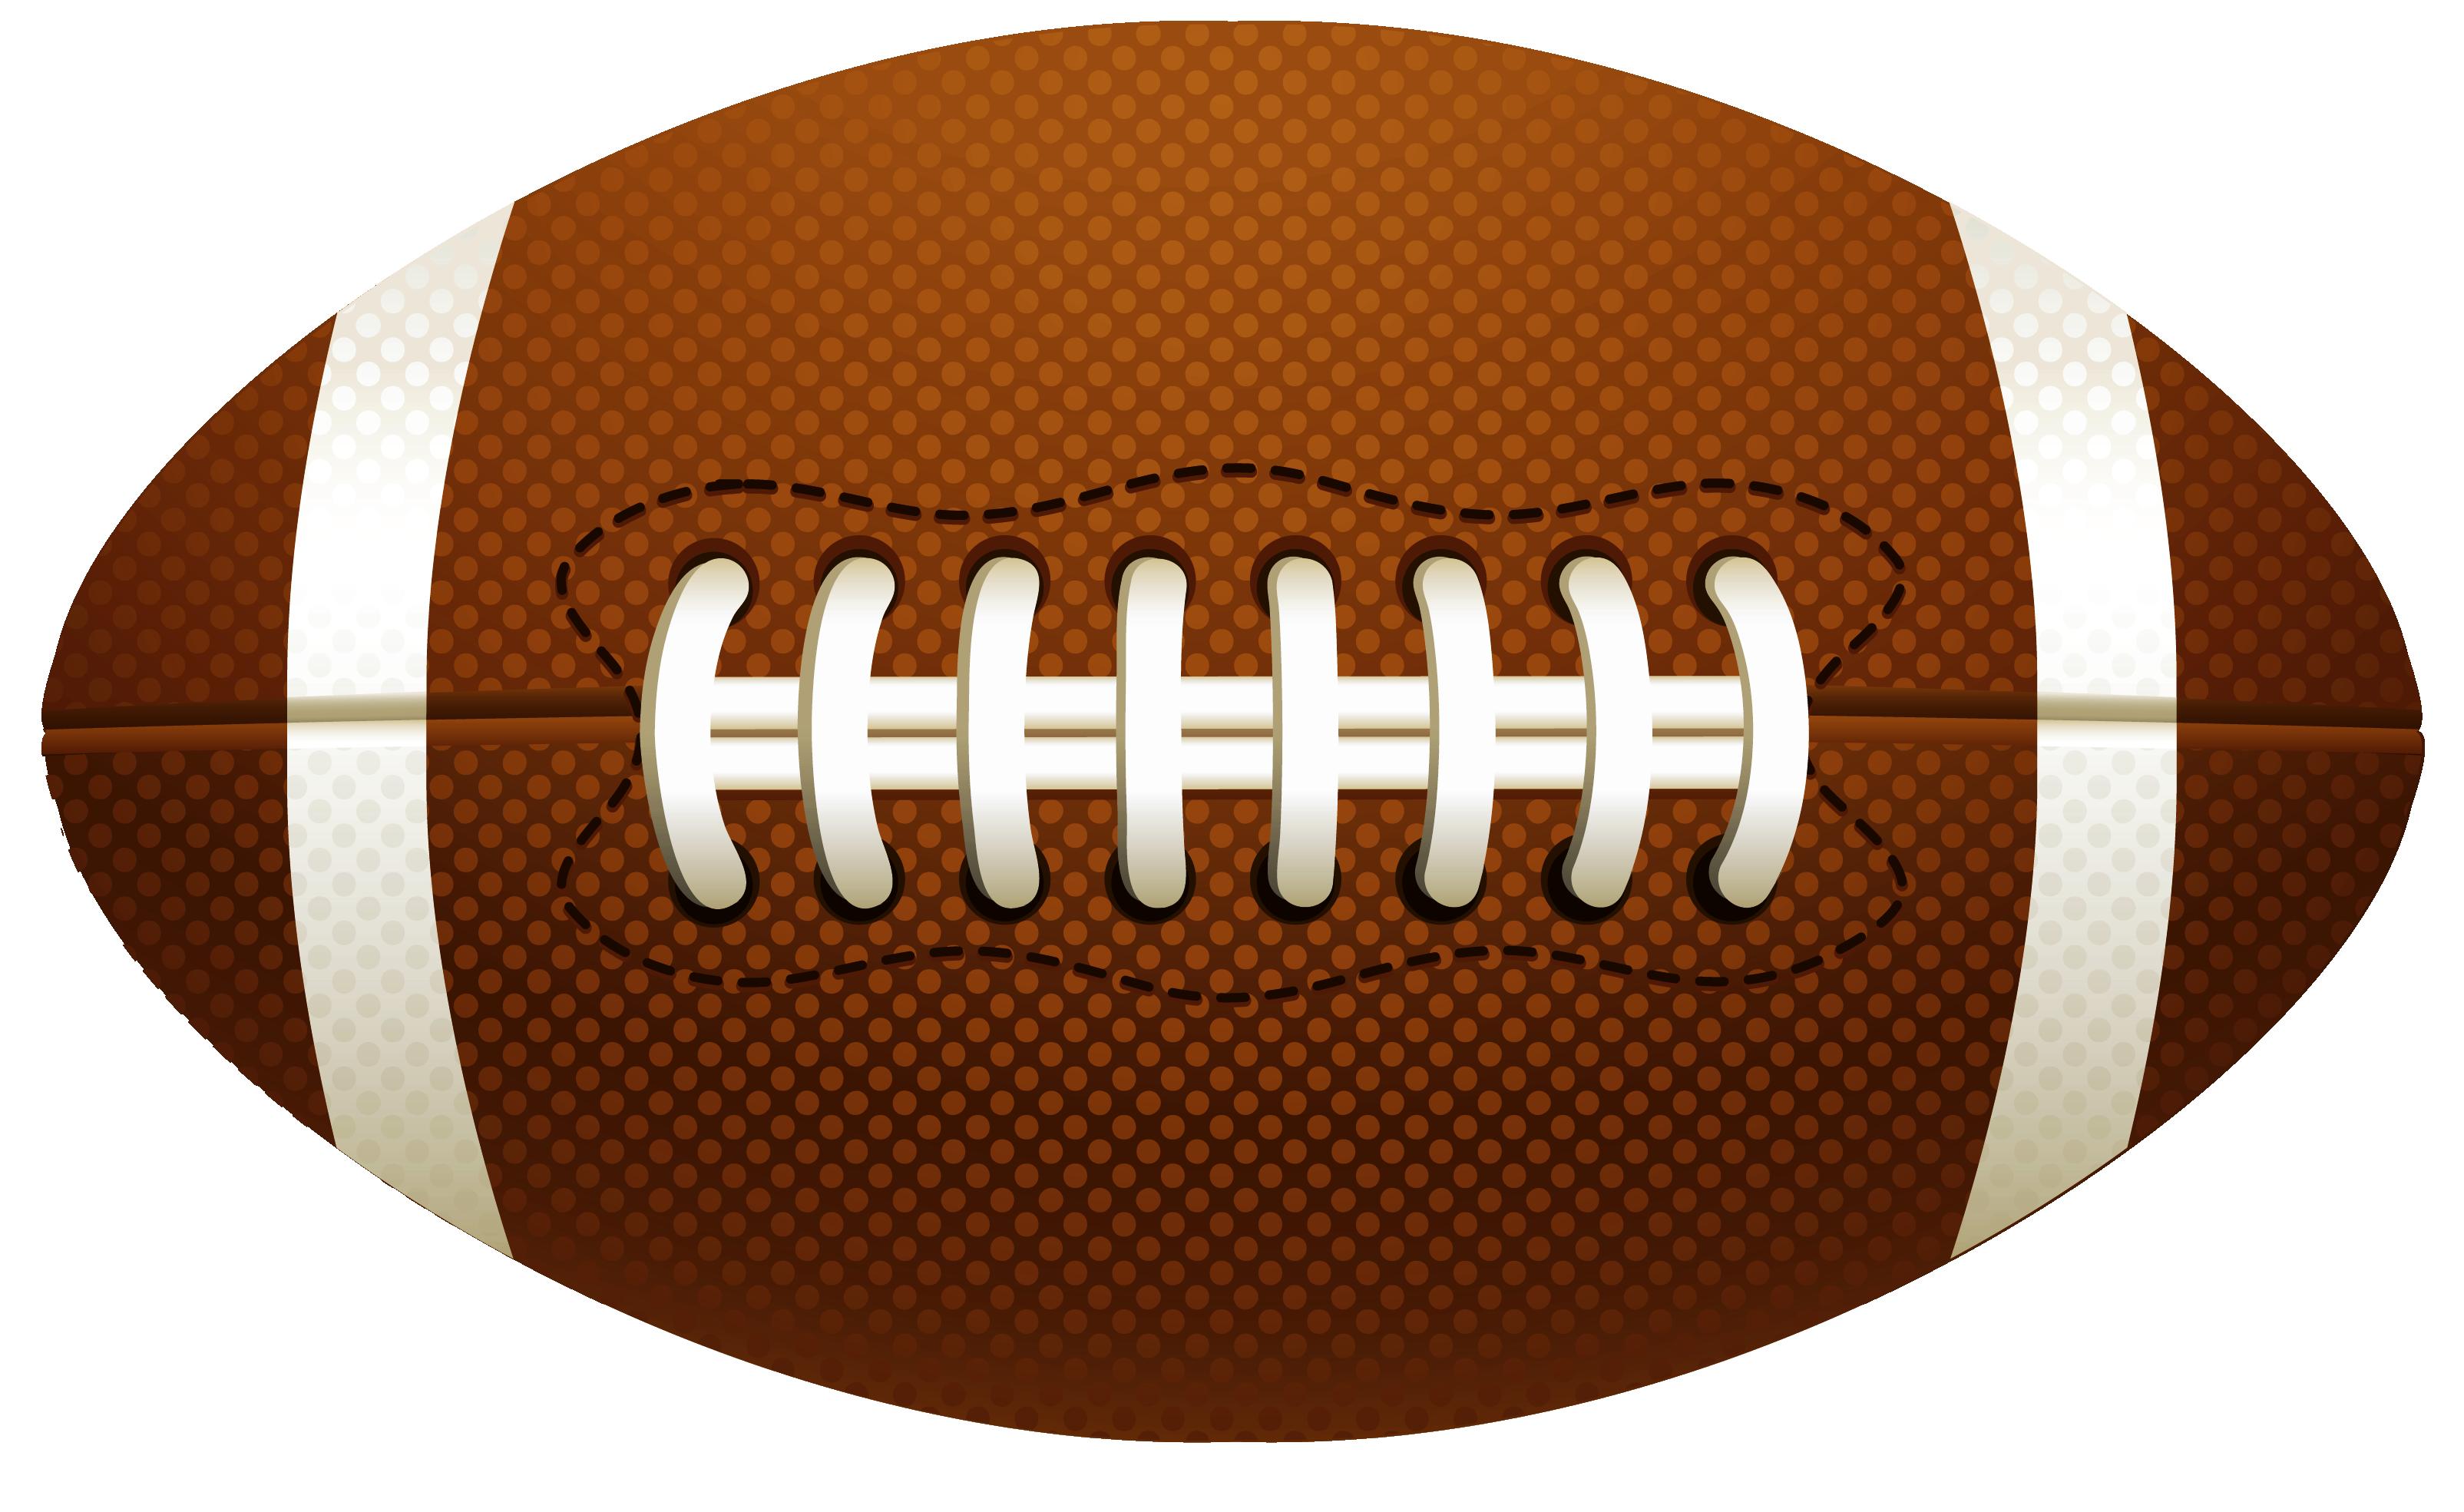 Clipart Football-clipart football-3